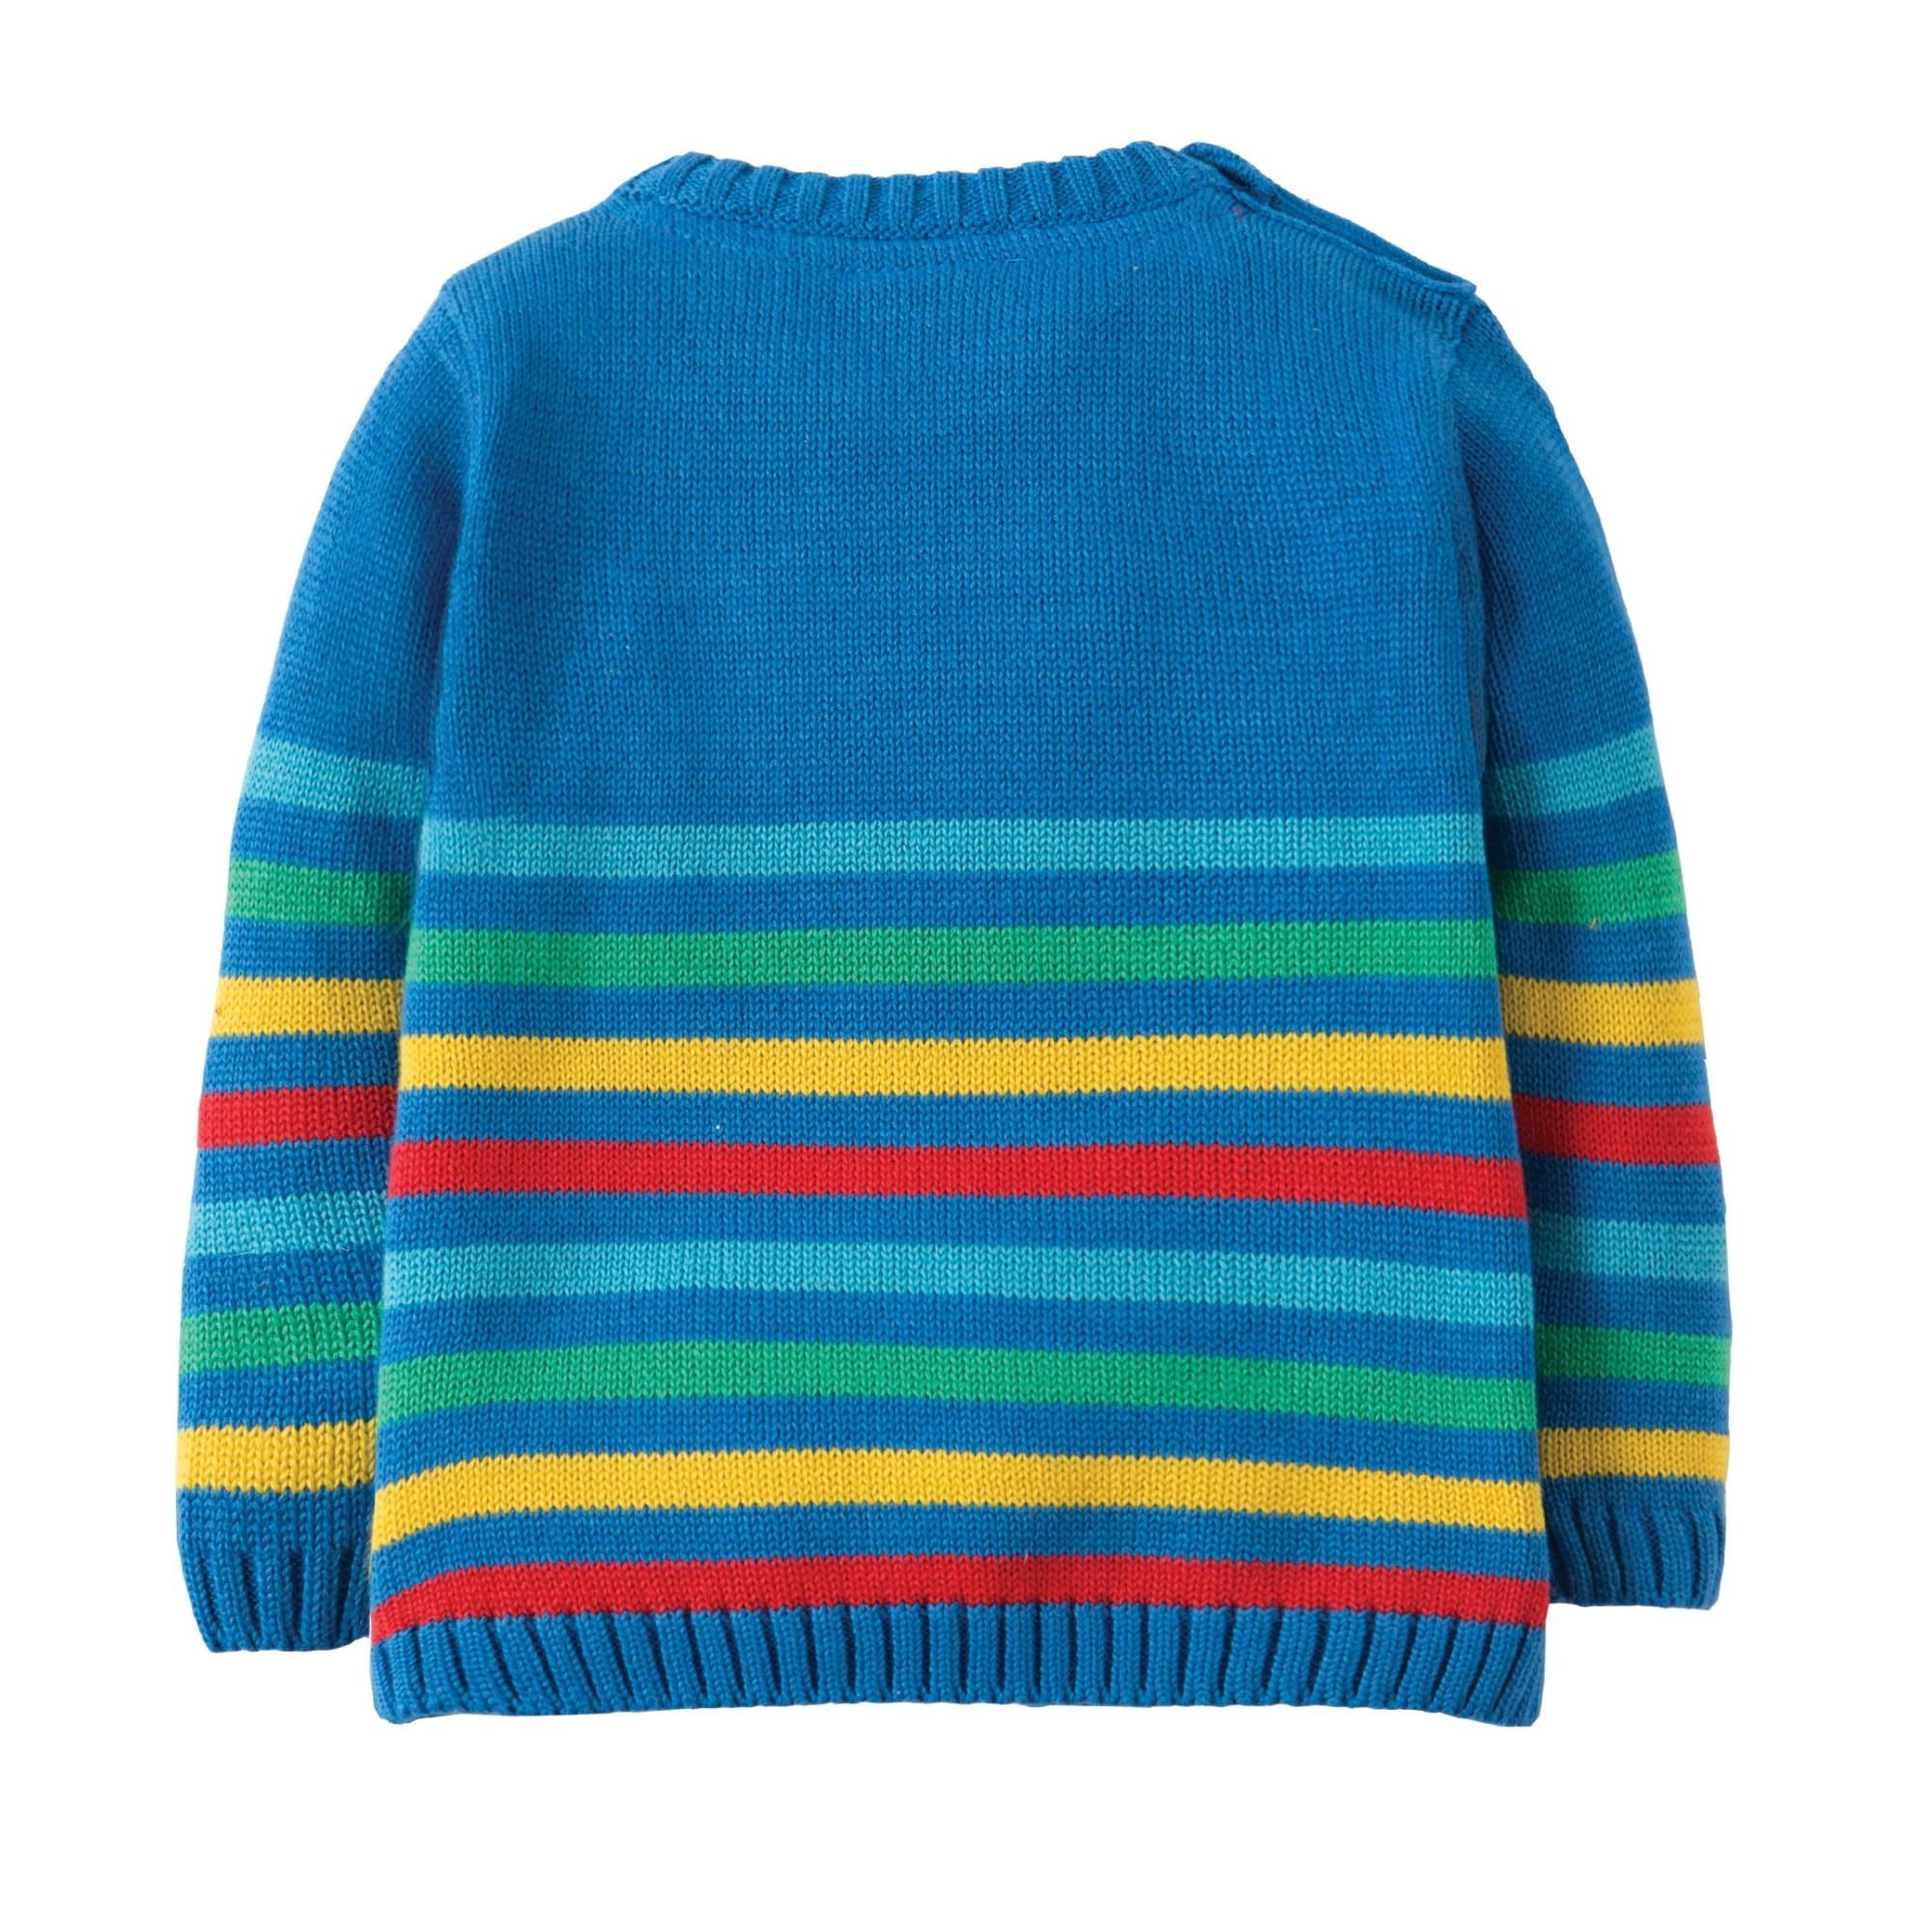 Promotii Pulovere din tricot - Oferte pret Pulovere din tricot ieftine de calitate la reduceri